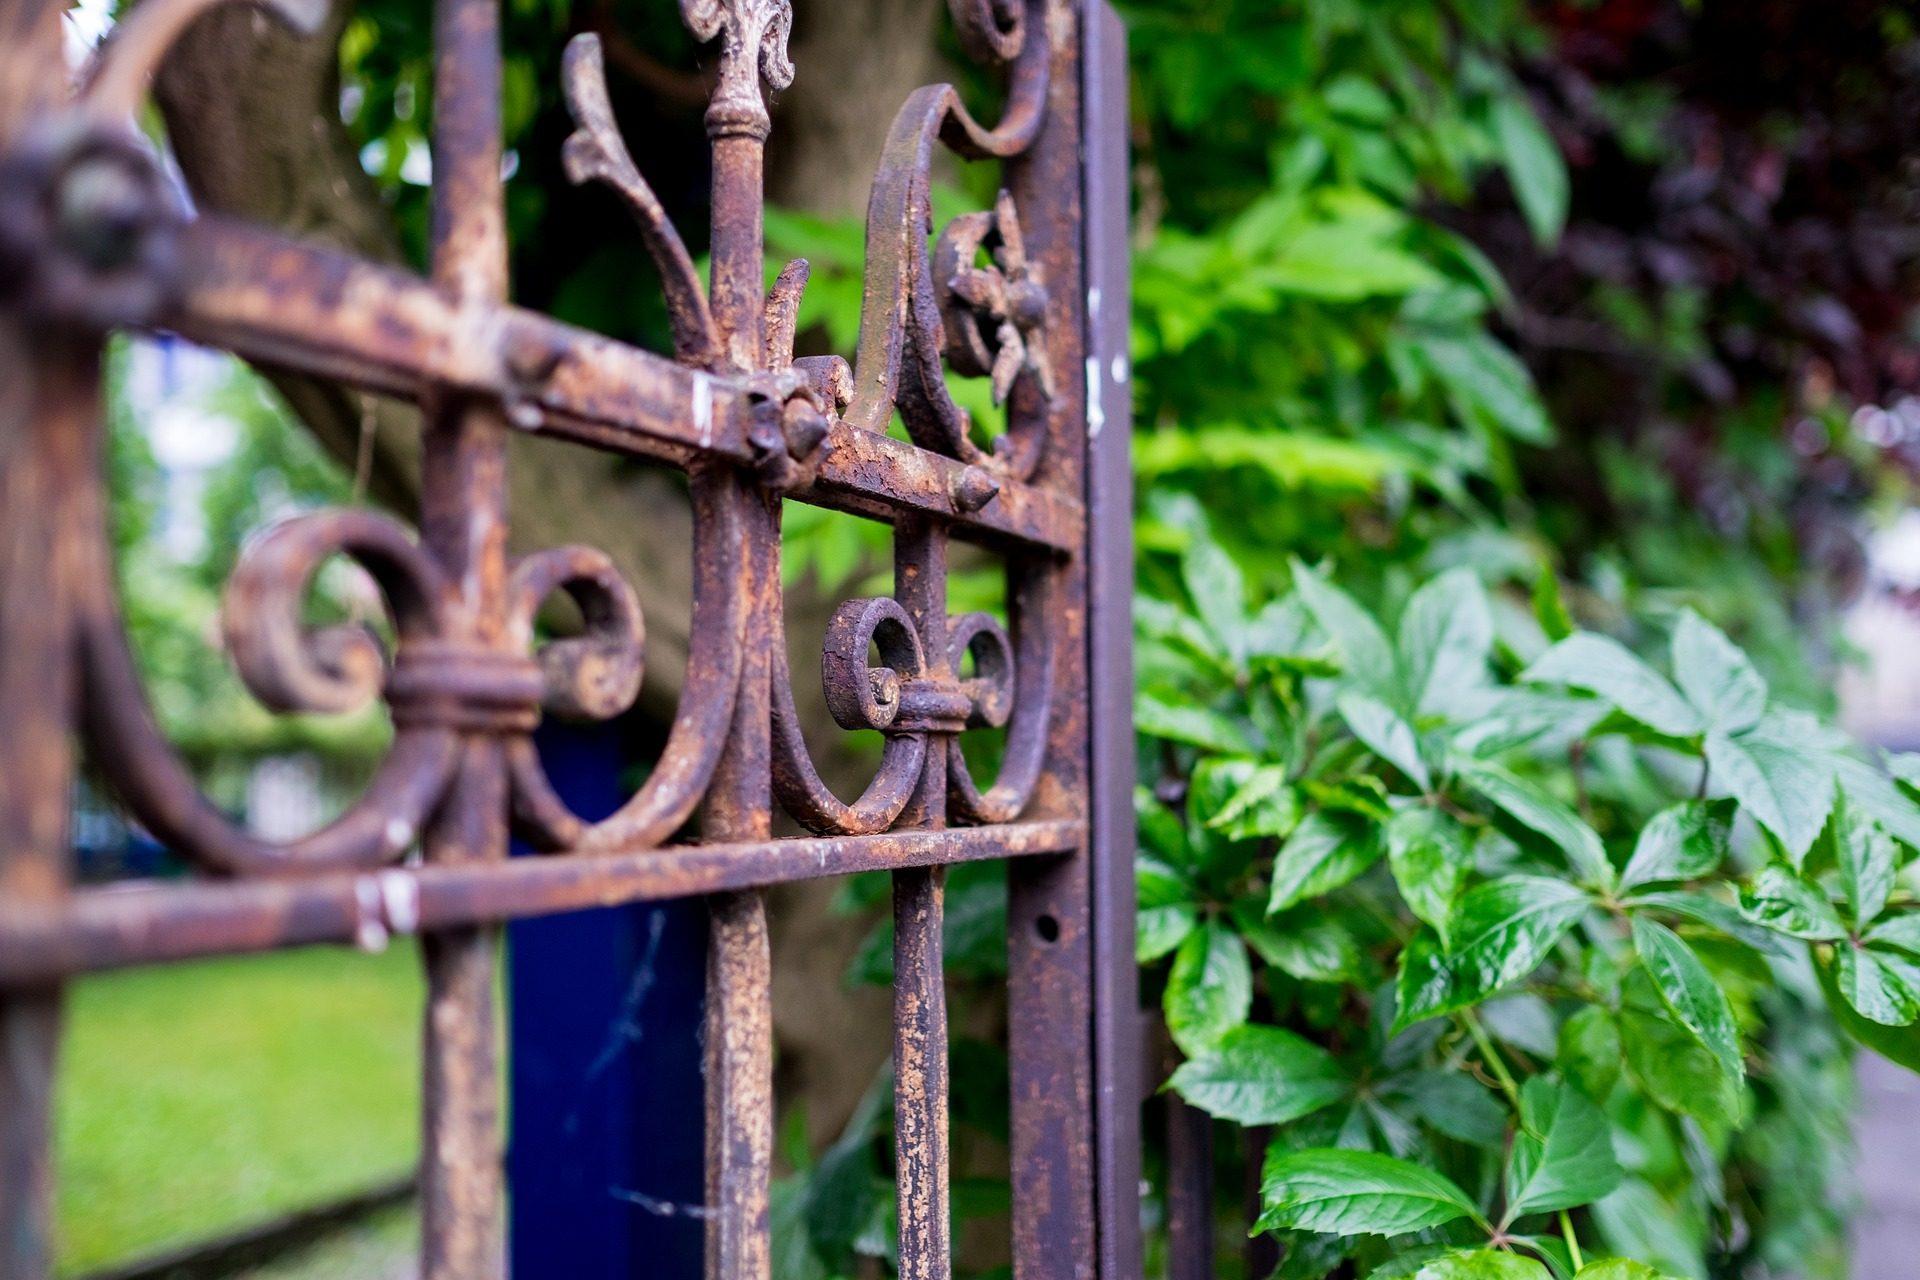 Πύλη, τρίψιμο, παλιά, Σκουριασμένο, Κήπος - Wallpapers HD - Professor-falken.com